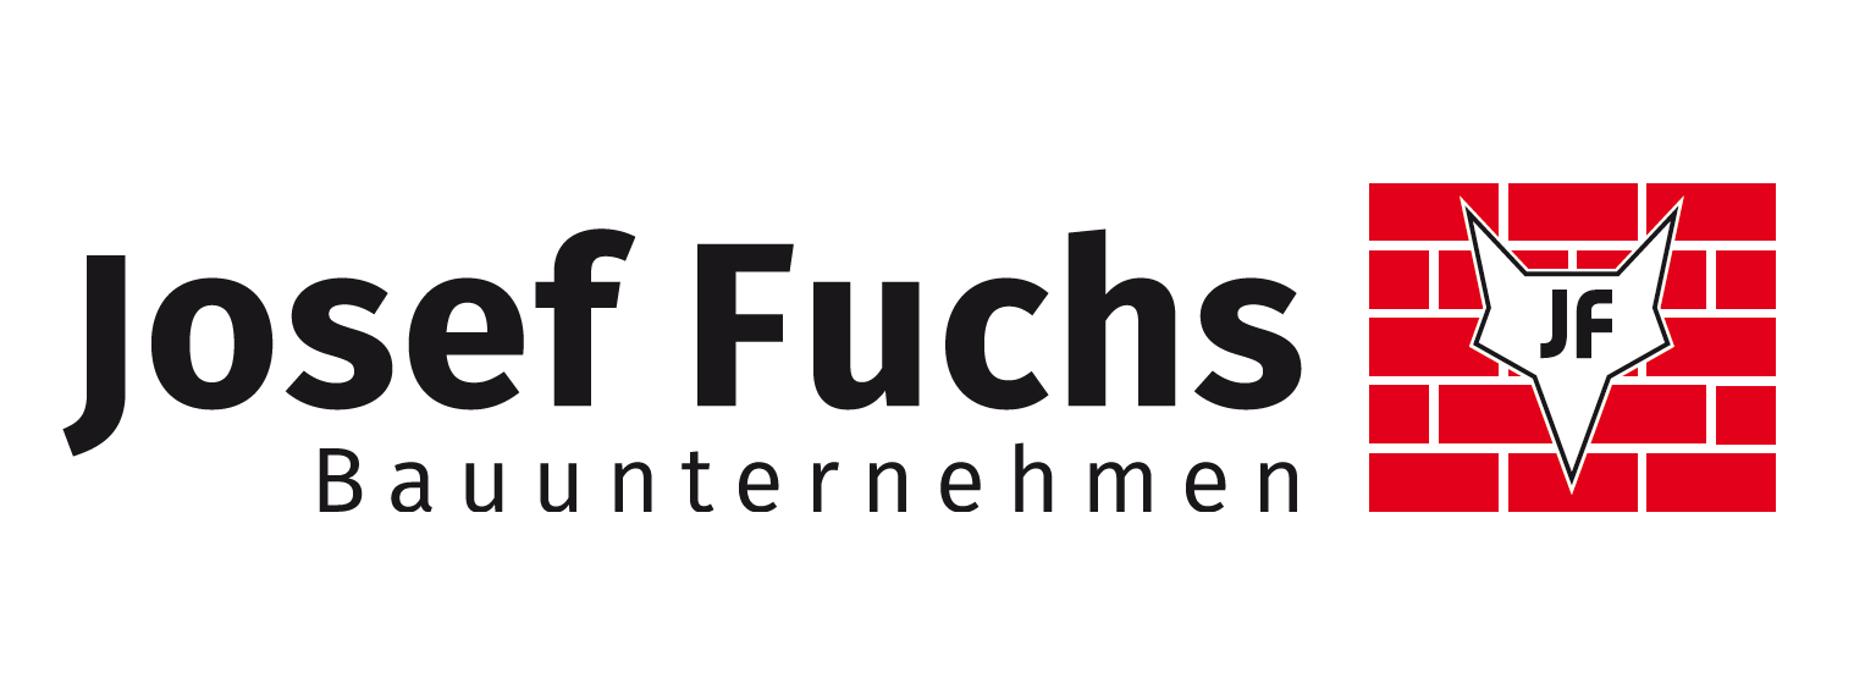 Bild zu Bauunternehmen Josef Fuchs GmbH & Co.KG in Teisendorf